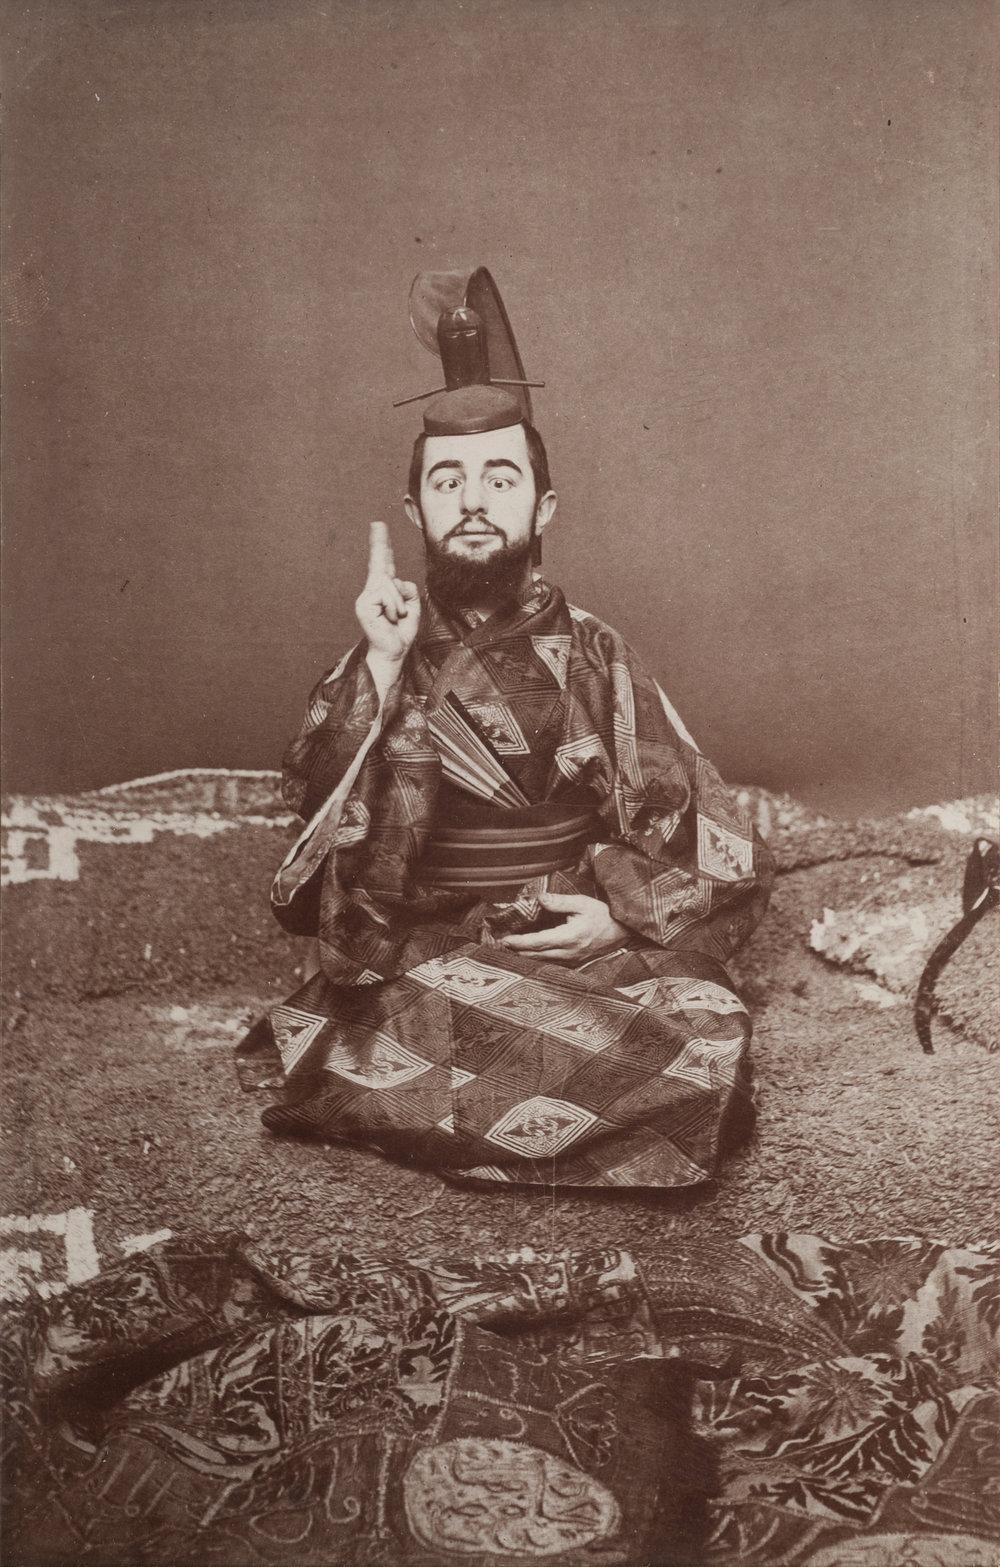 Henri Toulouse-Lautrec in Japanese Samurai Garb, ca. 1892